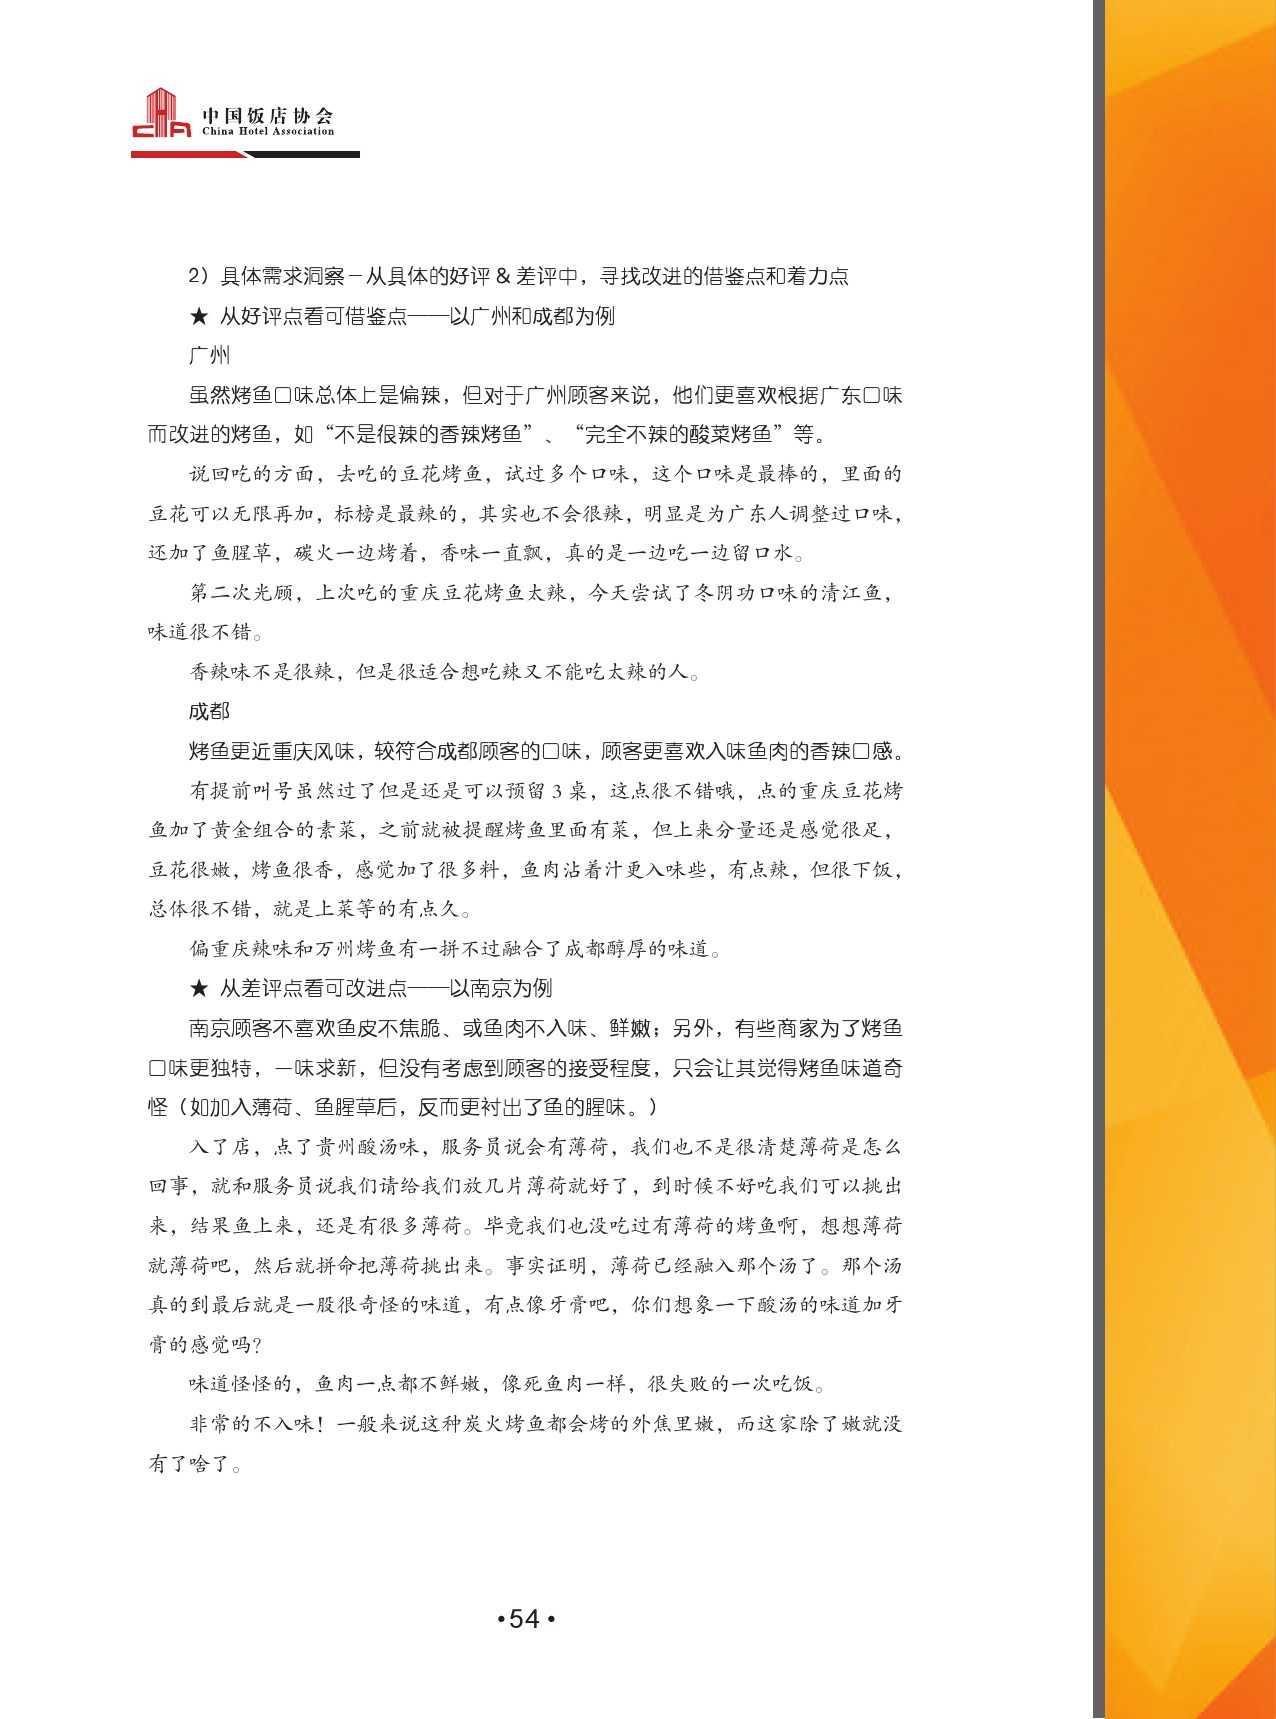 2015中国餐饮消费需求大数据分析报告_000056